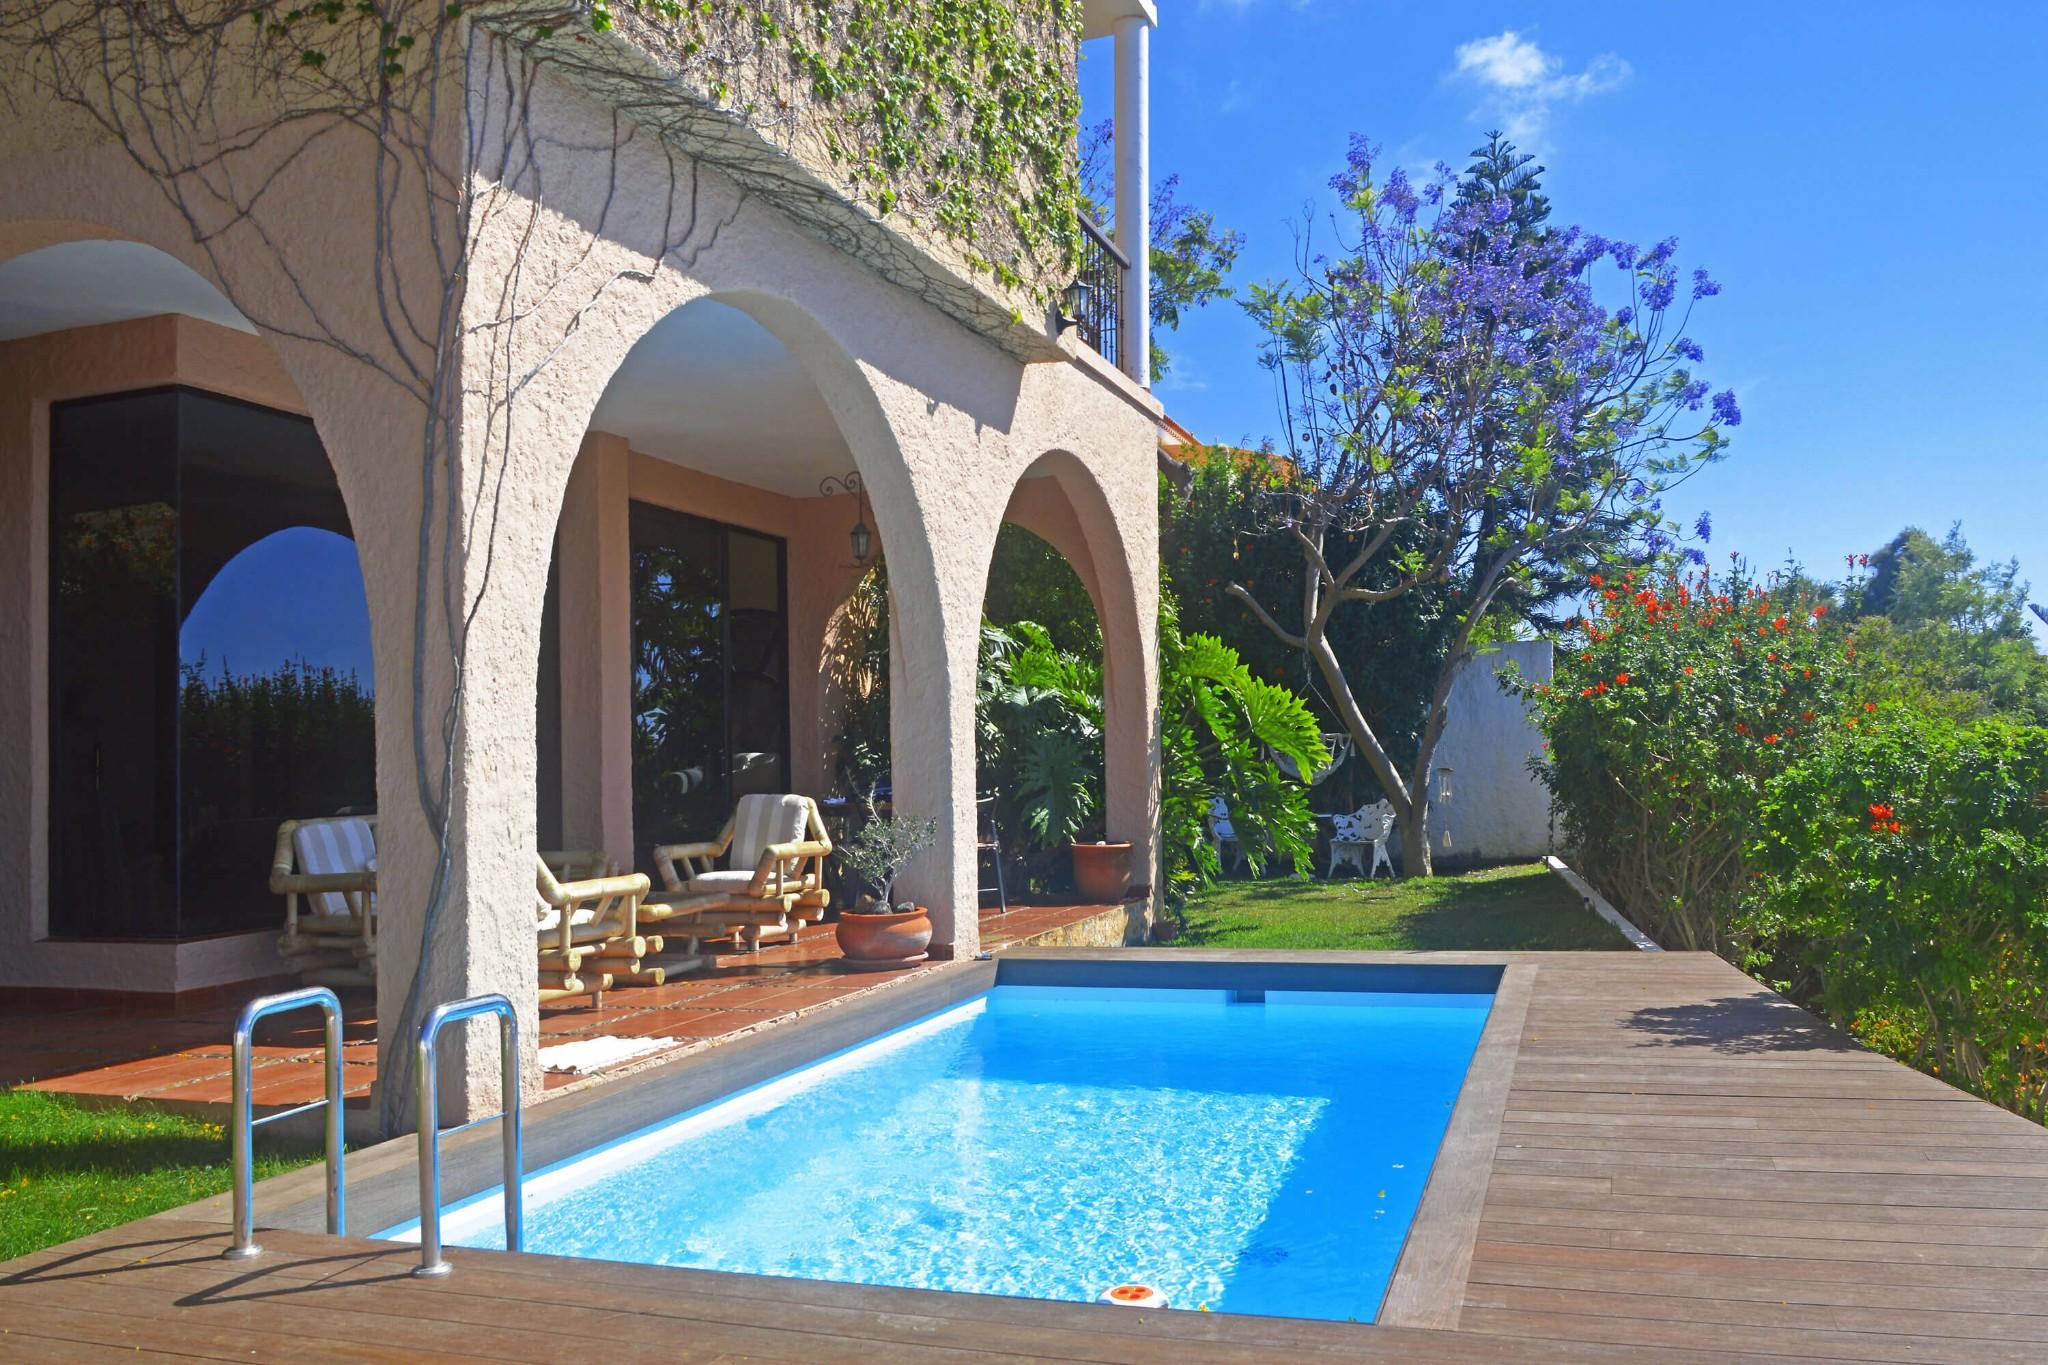 Ruime villa met 3 slaapkamers, prive zwembad en uitzicht op zee gelegen in El Sauzal